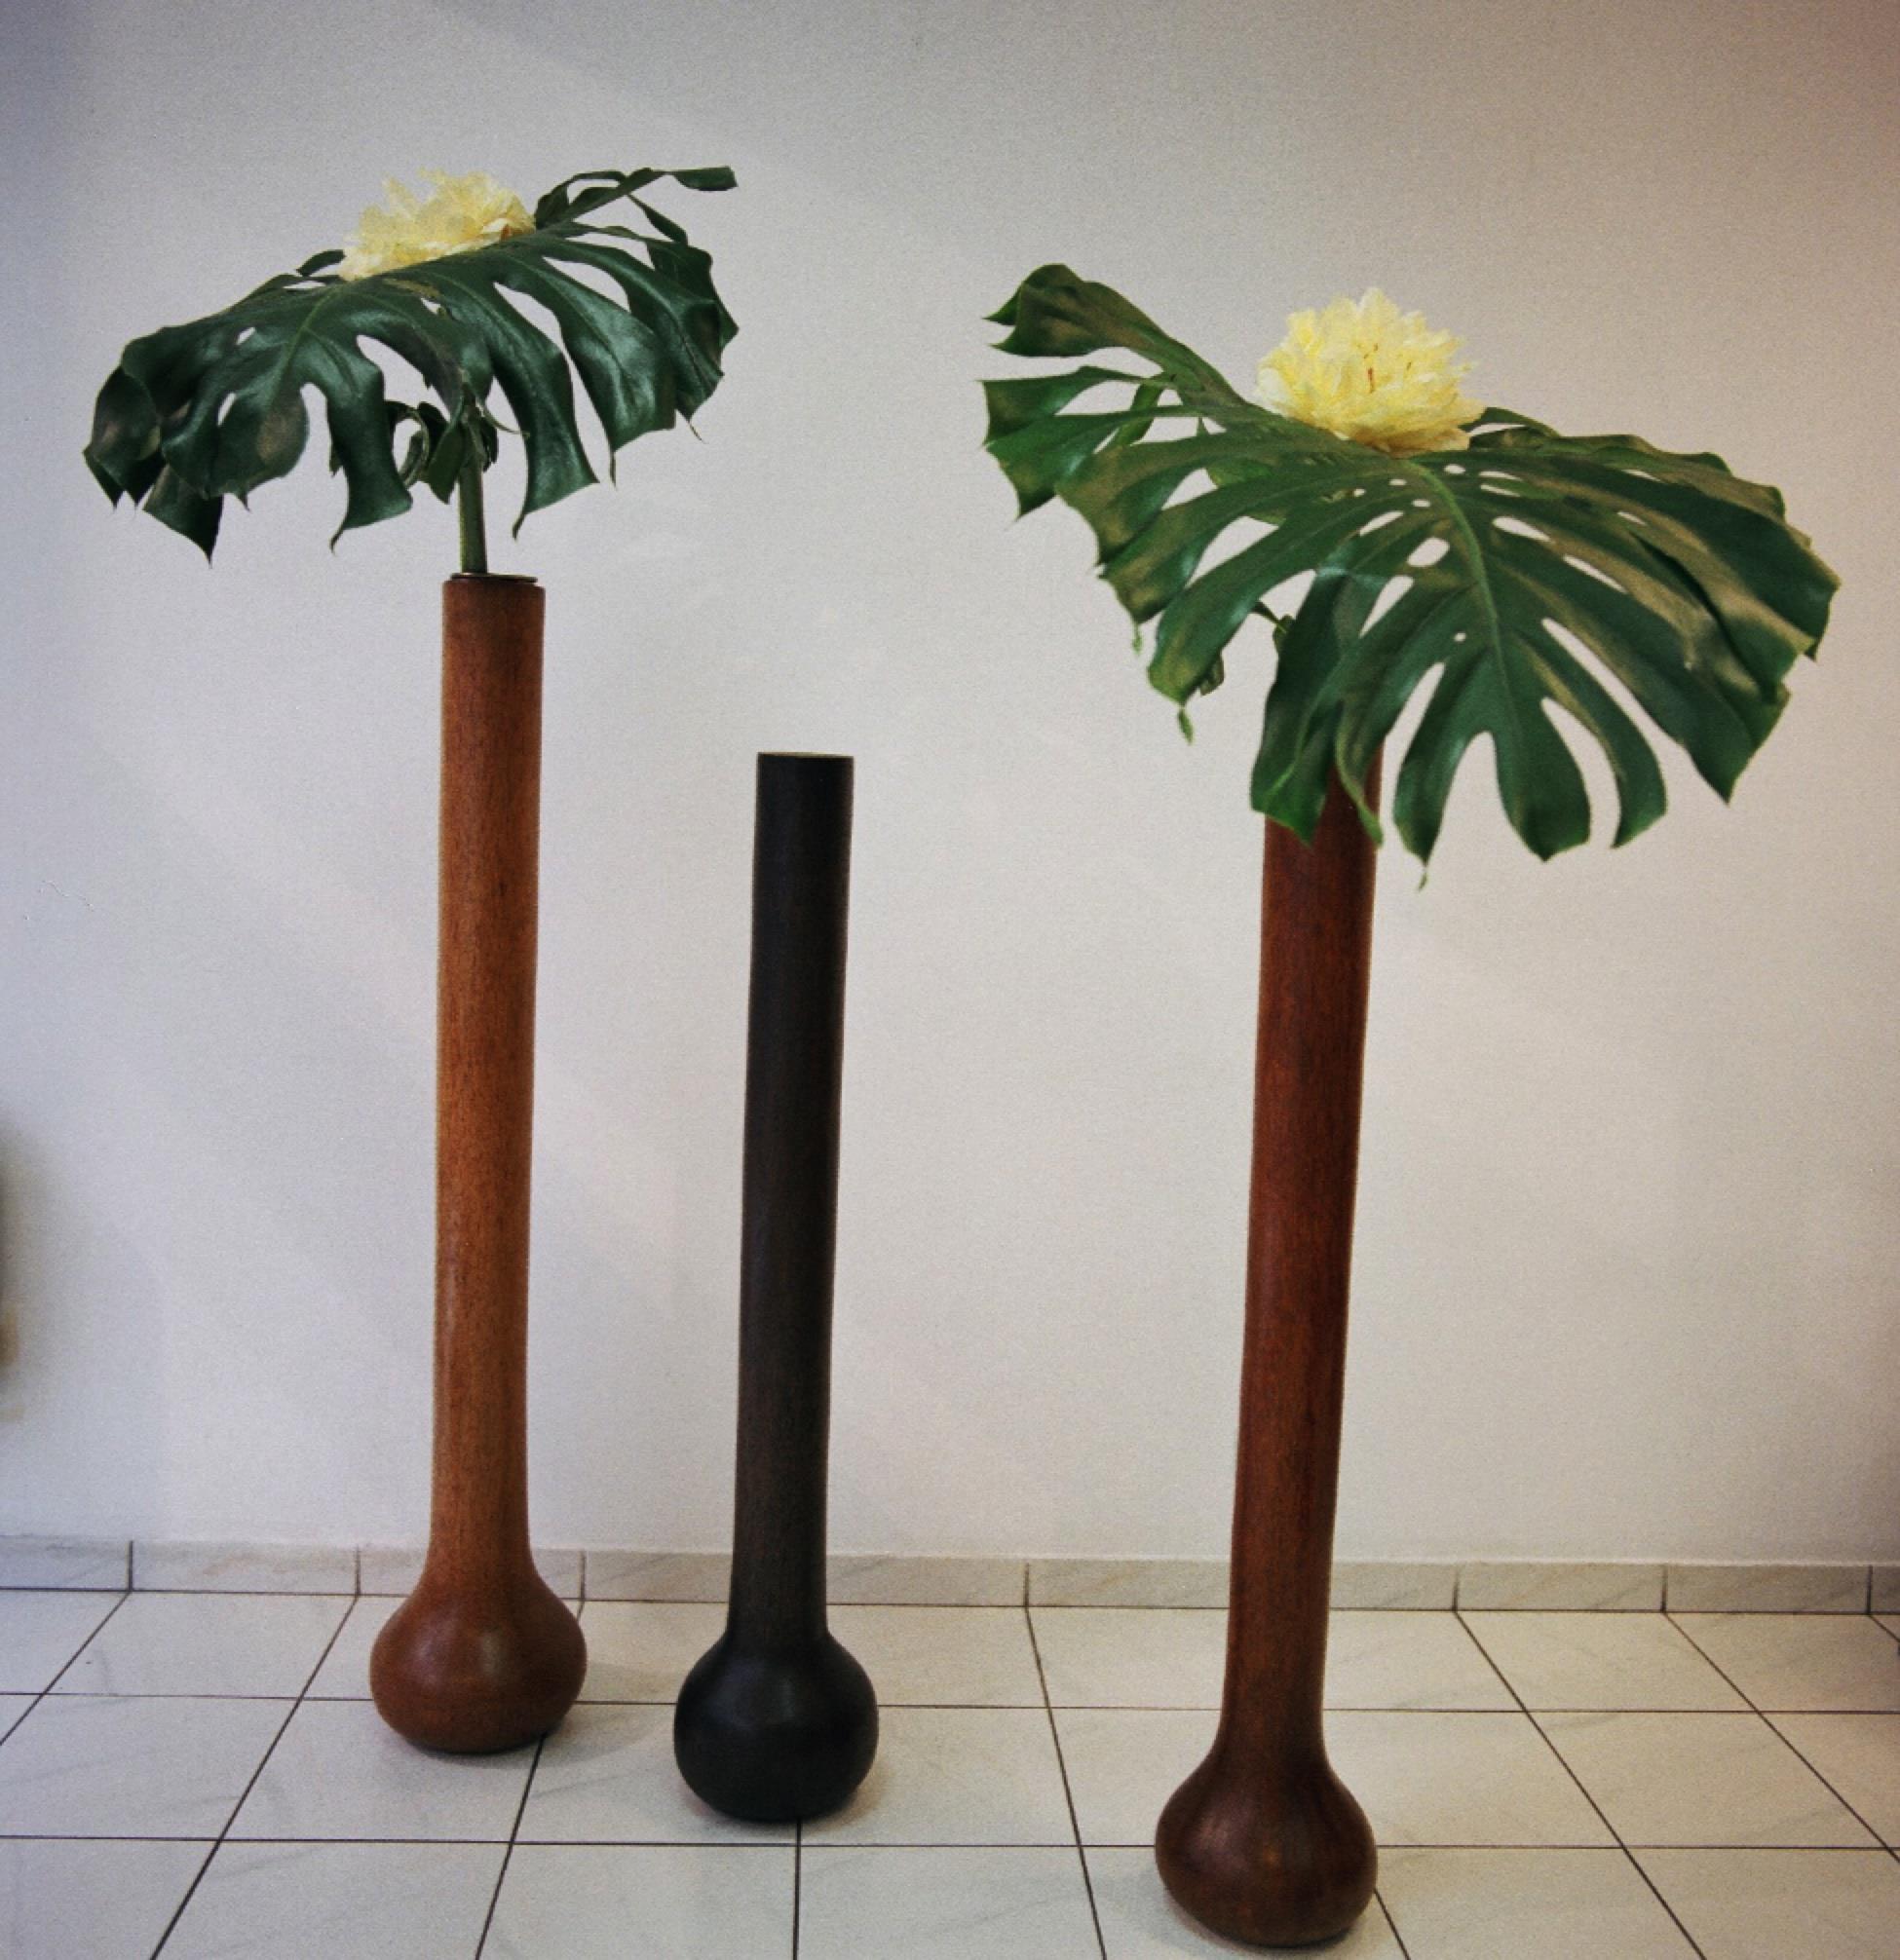 Quelques détails sur la prochaine exposition de Jean Servais Somian à Abidjan